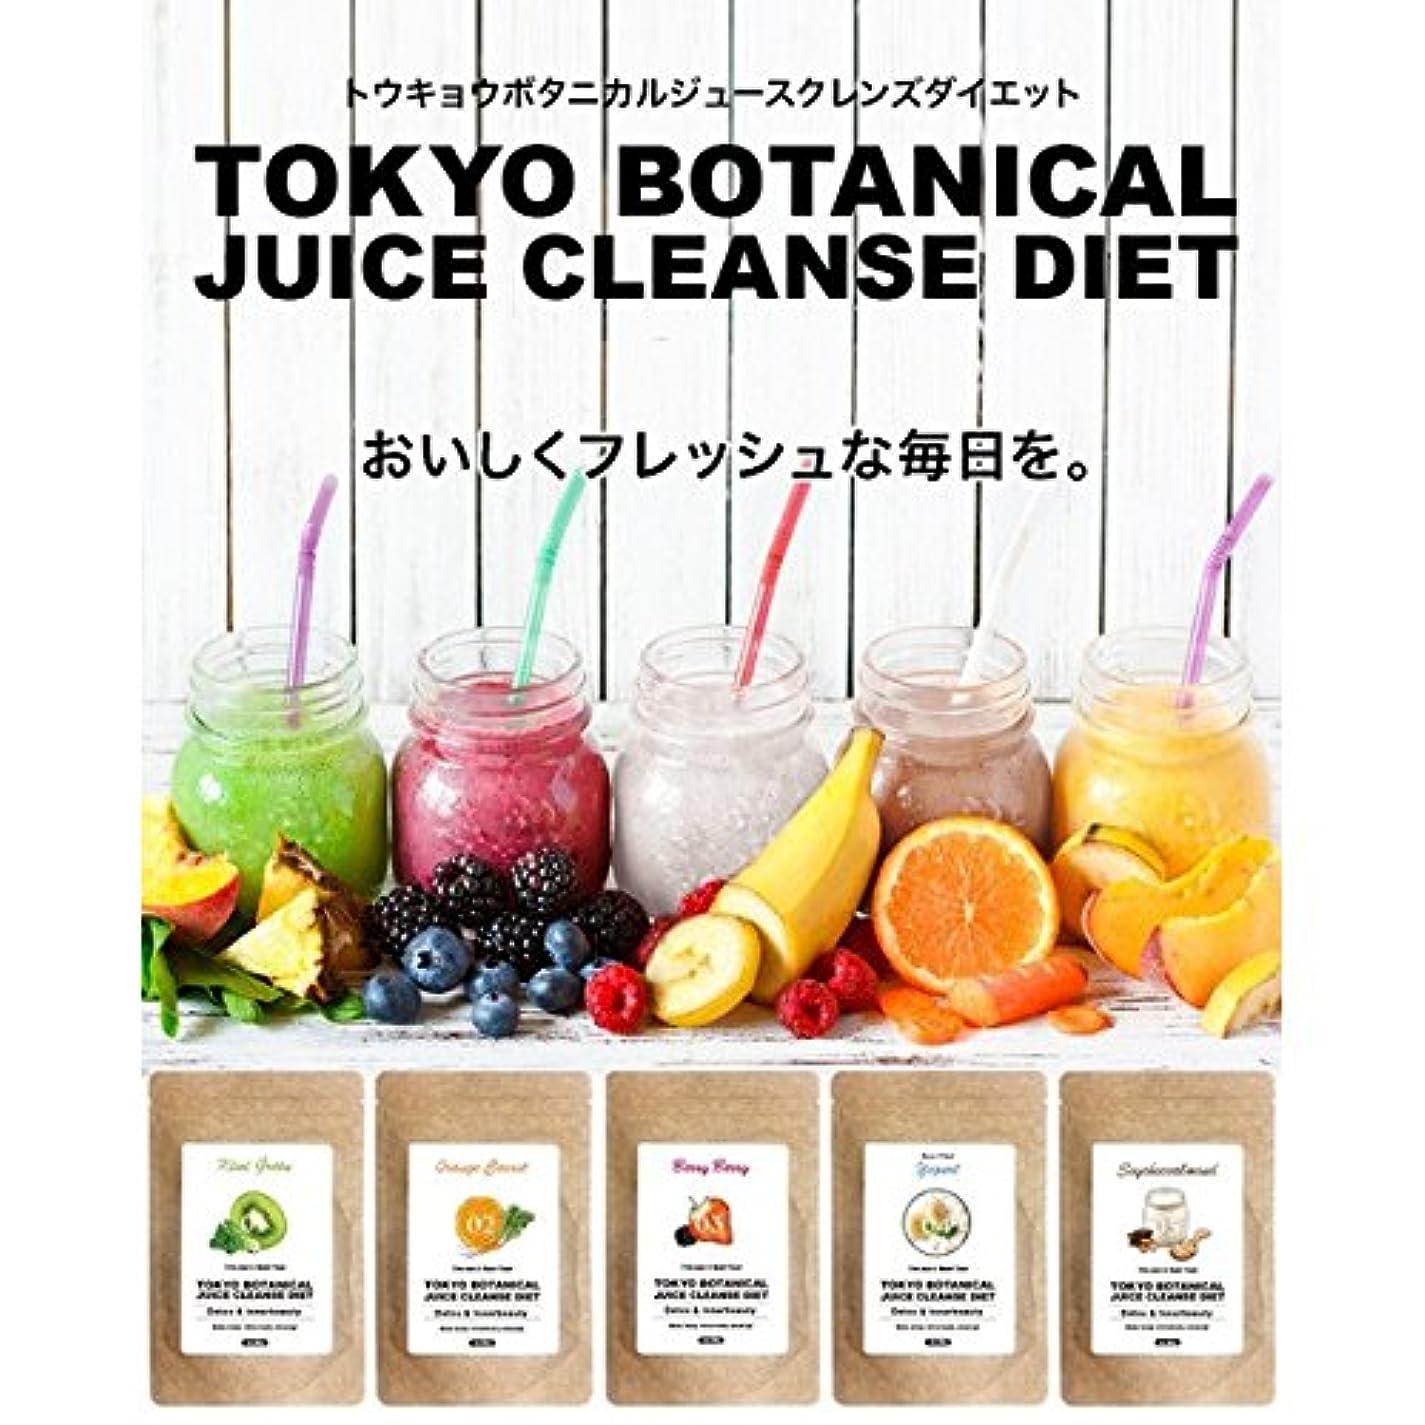 スカート正しい呼吸する東京ボタニカルジュースクレンズダイエット  キウイグリーン&ヨーグルトセット